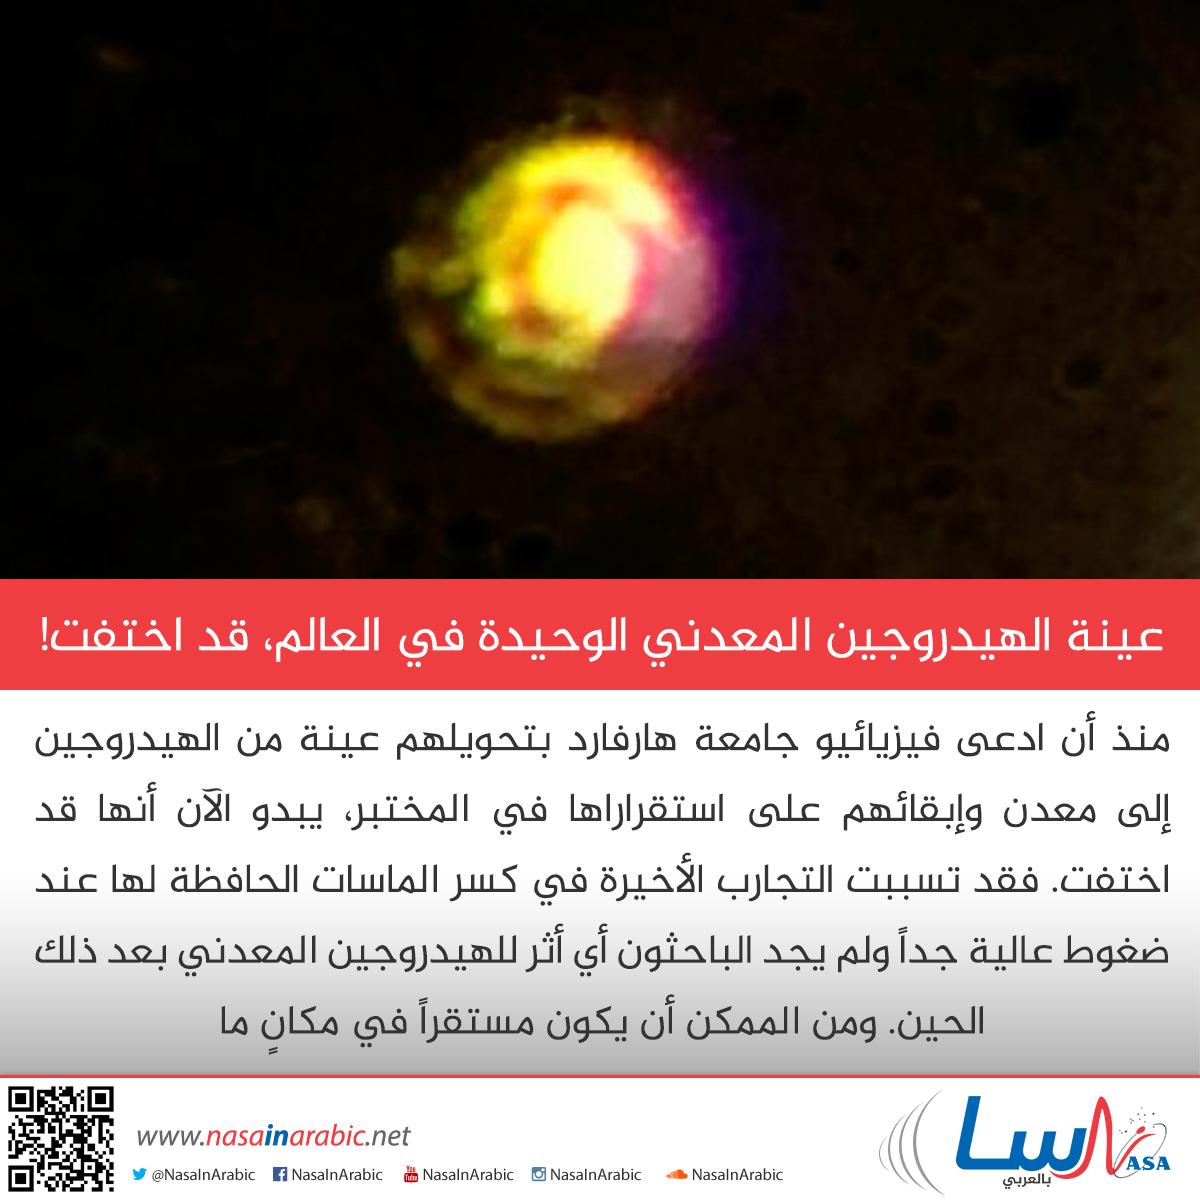 عينة الهيدروجين المعدني الوحيدة في العالم، قد اختفت!